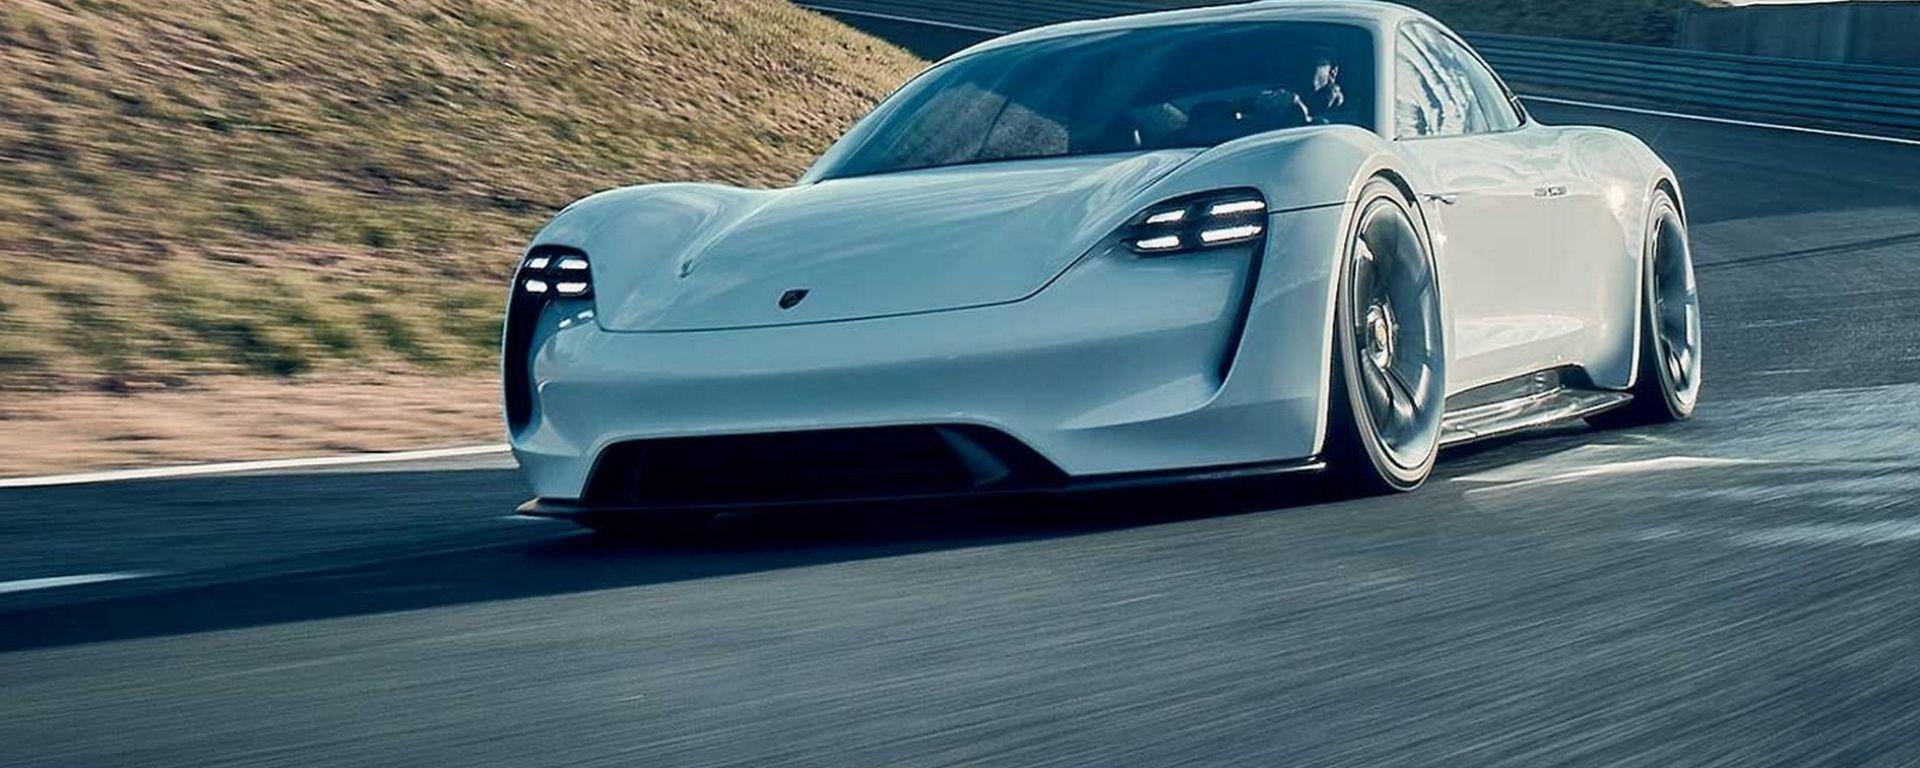 Porsche, addio al diesel dal 2022